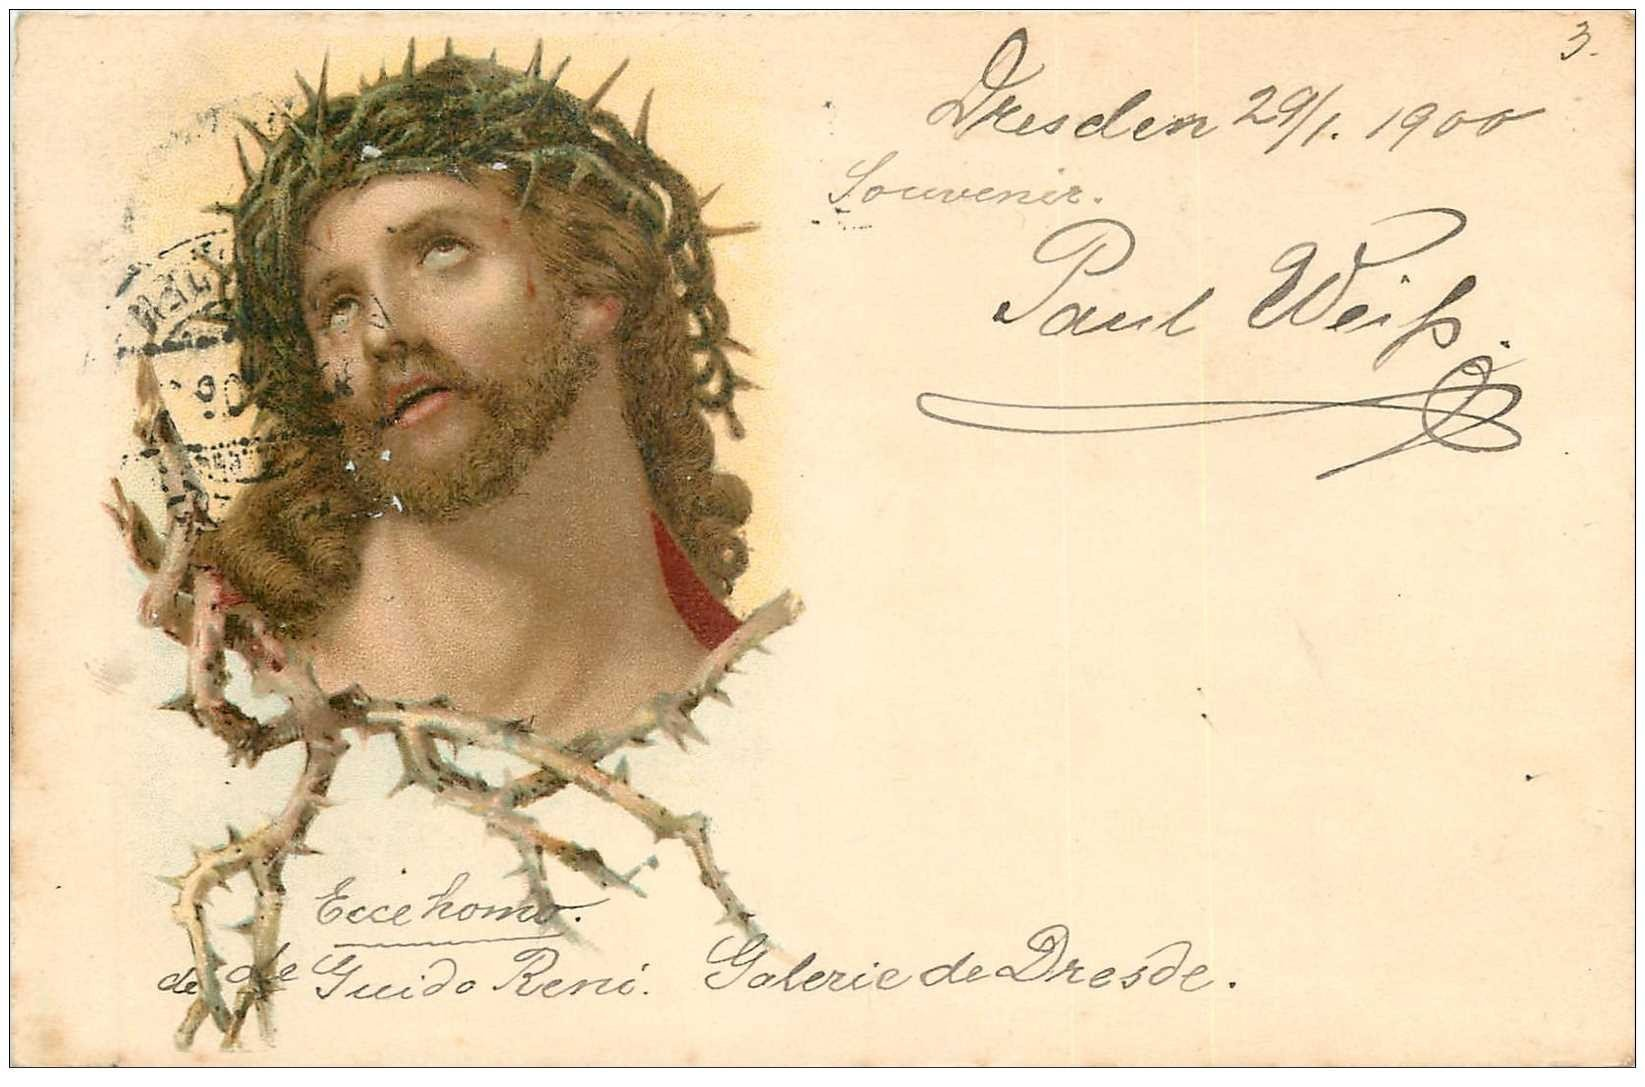 carte postale ancienne Gruss aus DRESDEN Galerie de Dresde 1900. Ecce homo de Guido René. Paul Weiss